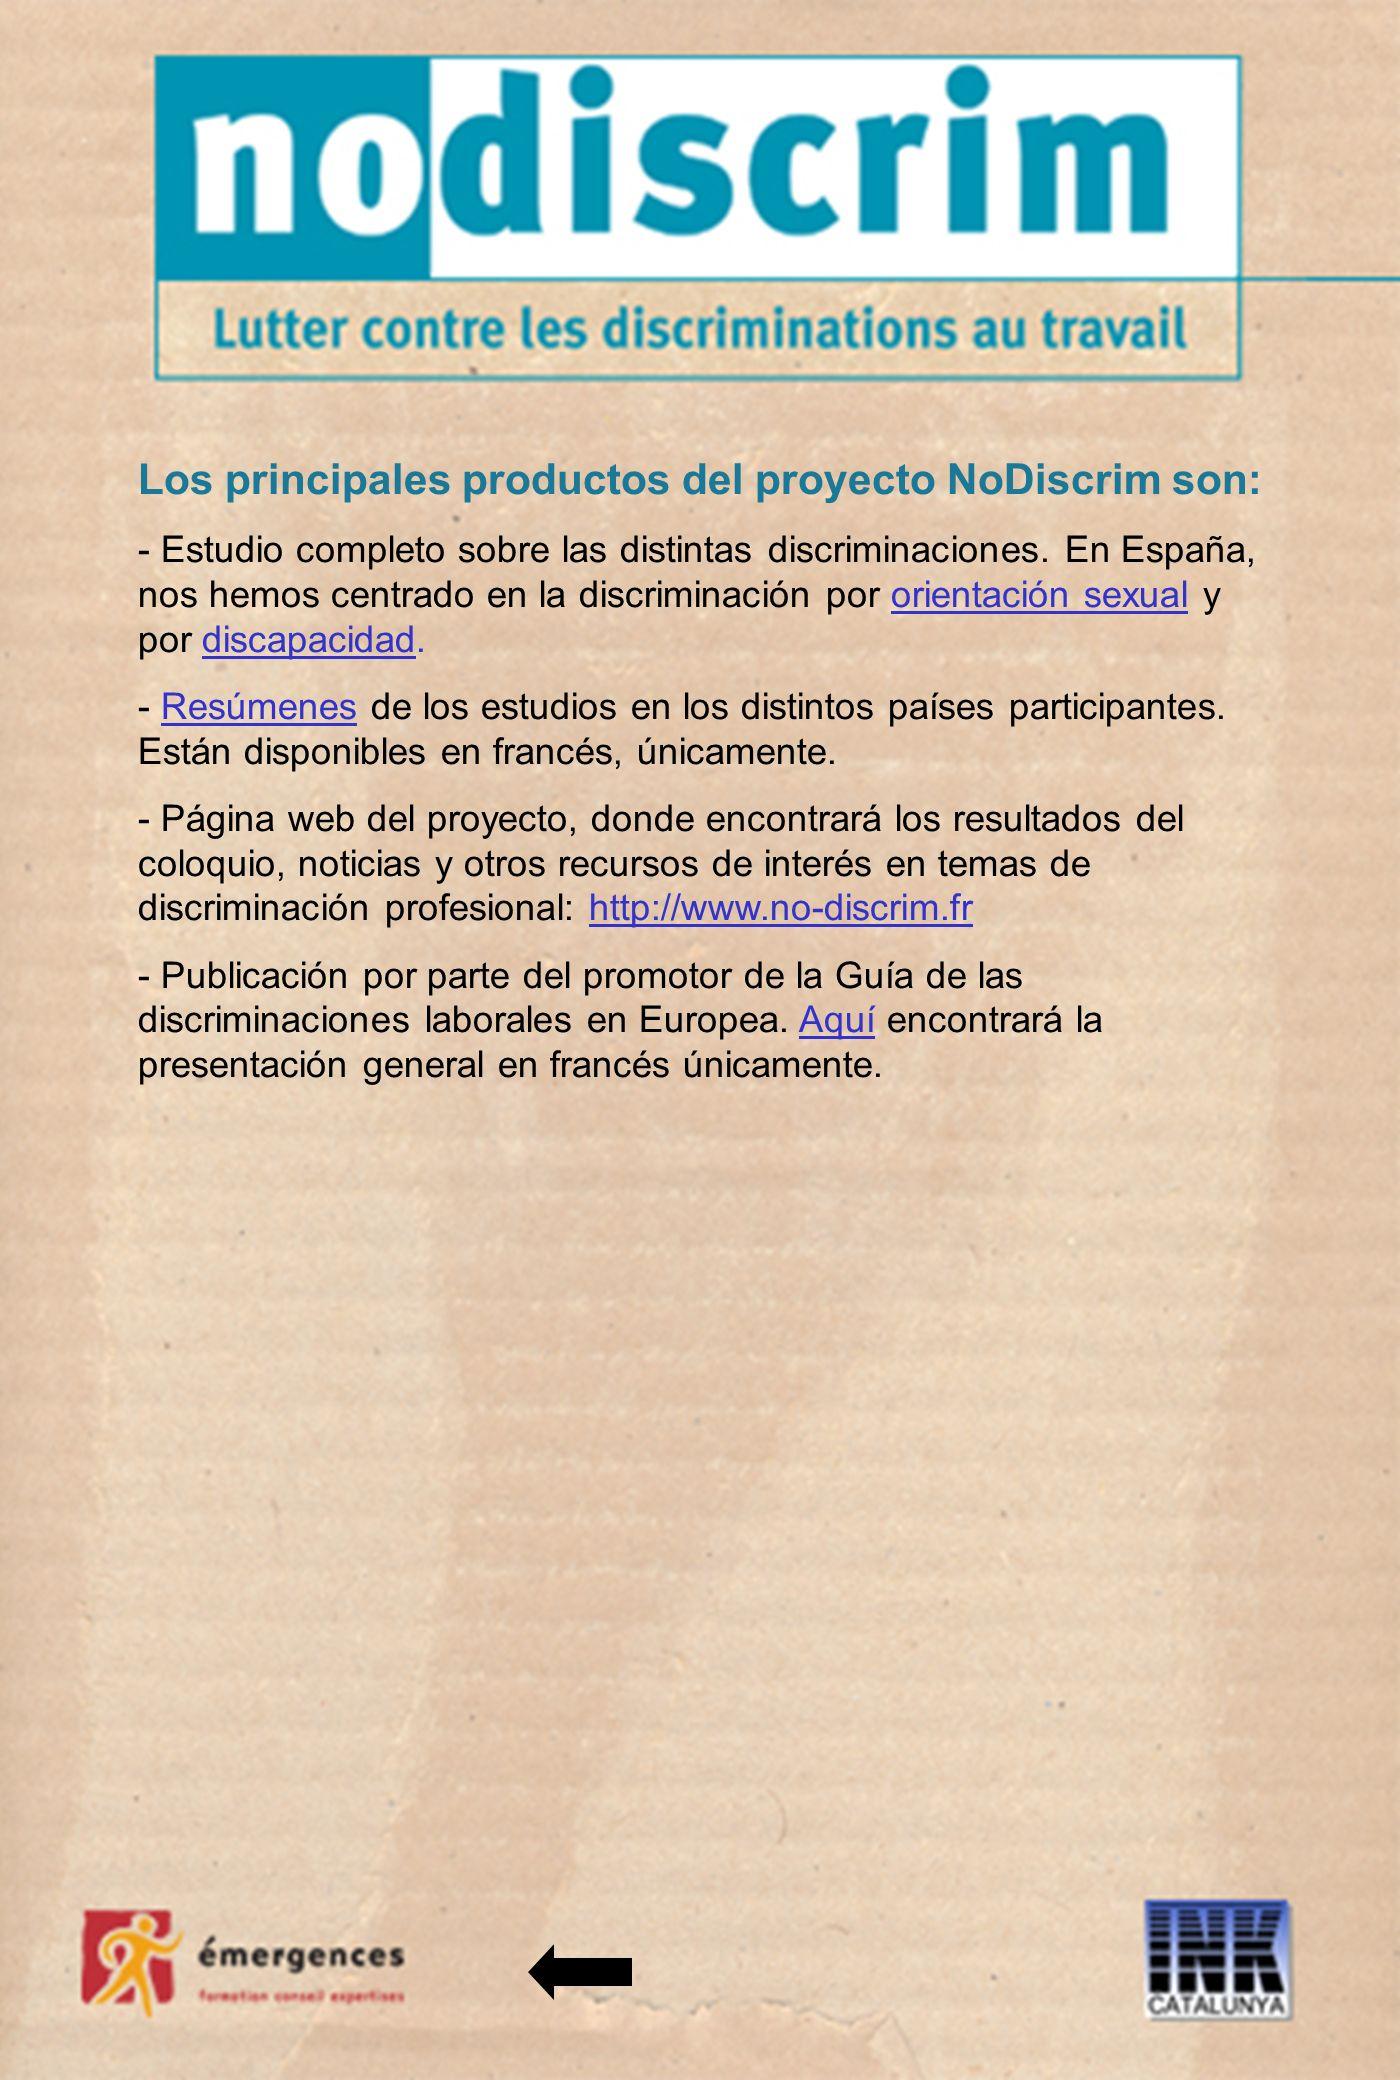 Presentación de los socios - Émergences (Francia): promotor y coordinador del proyecto NoDiscrim, es un instituto de formación, asesoramiento y peritación.